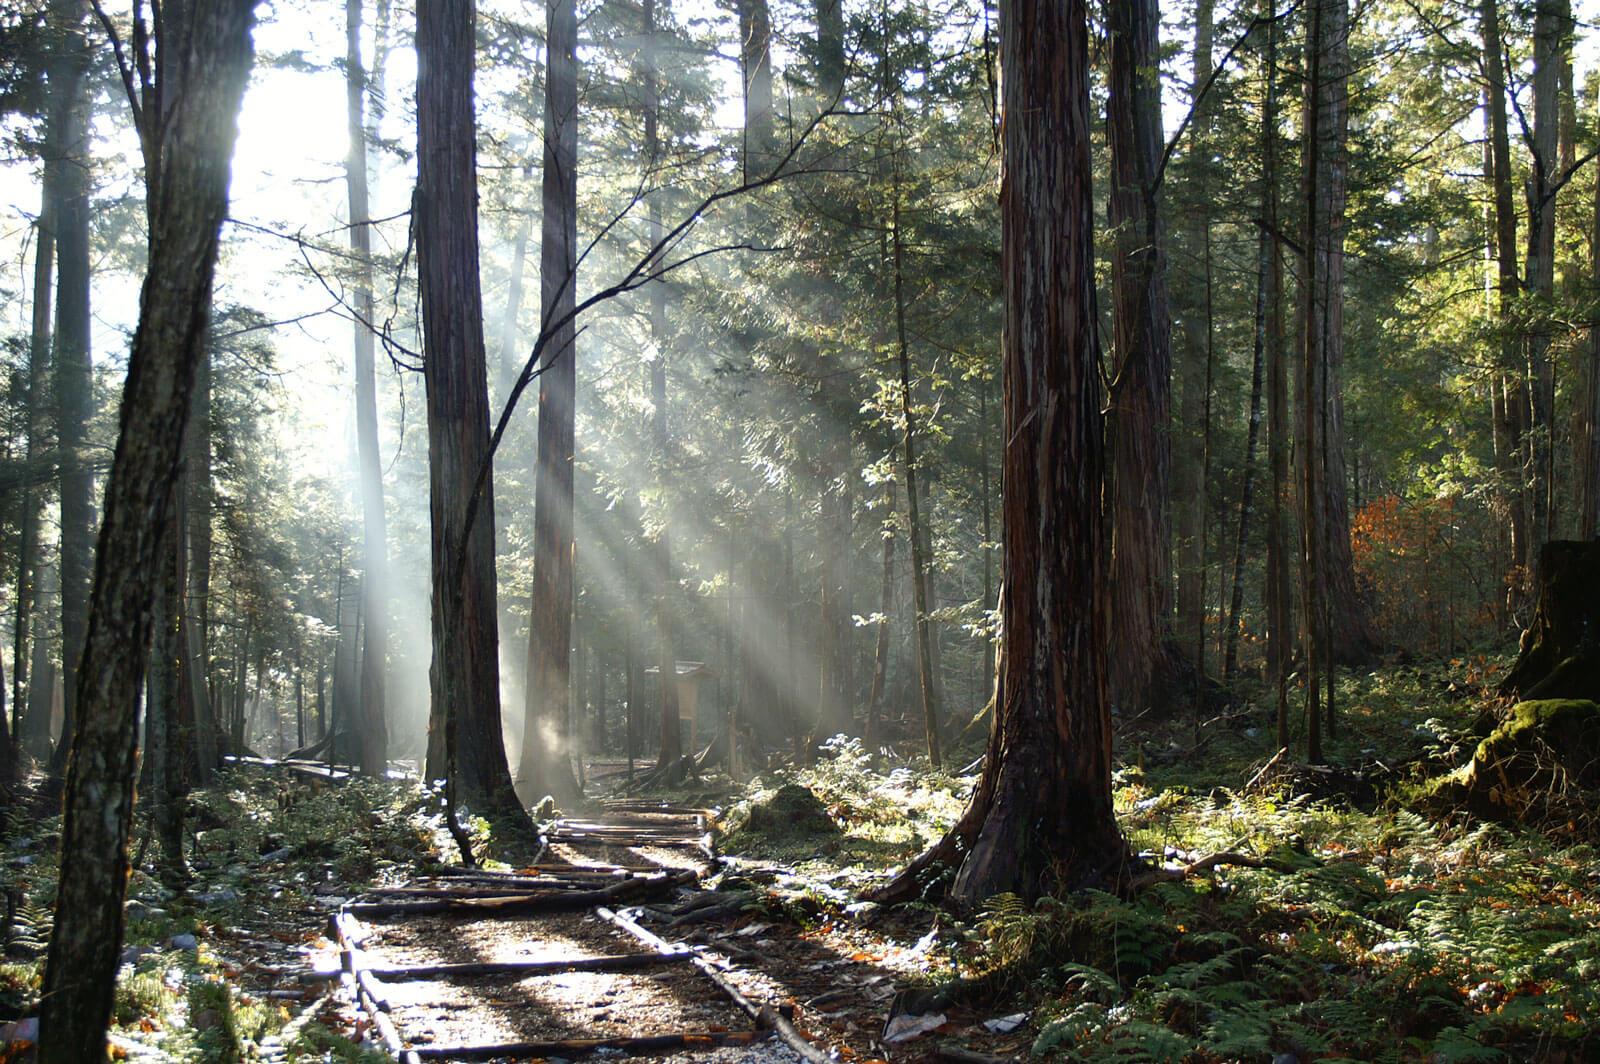 赤沢自然休養林 木漏れ日が差し込む森林の様子